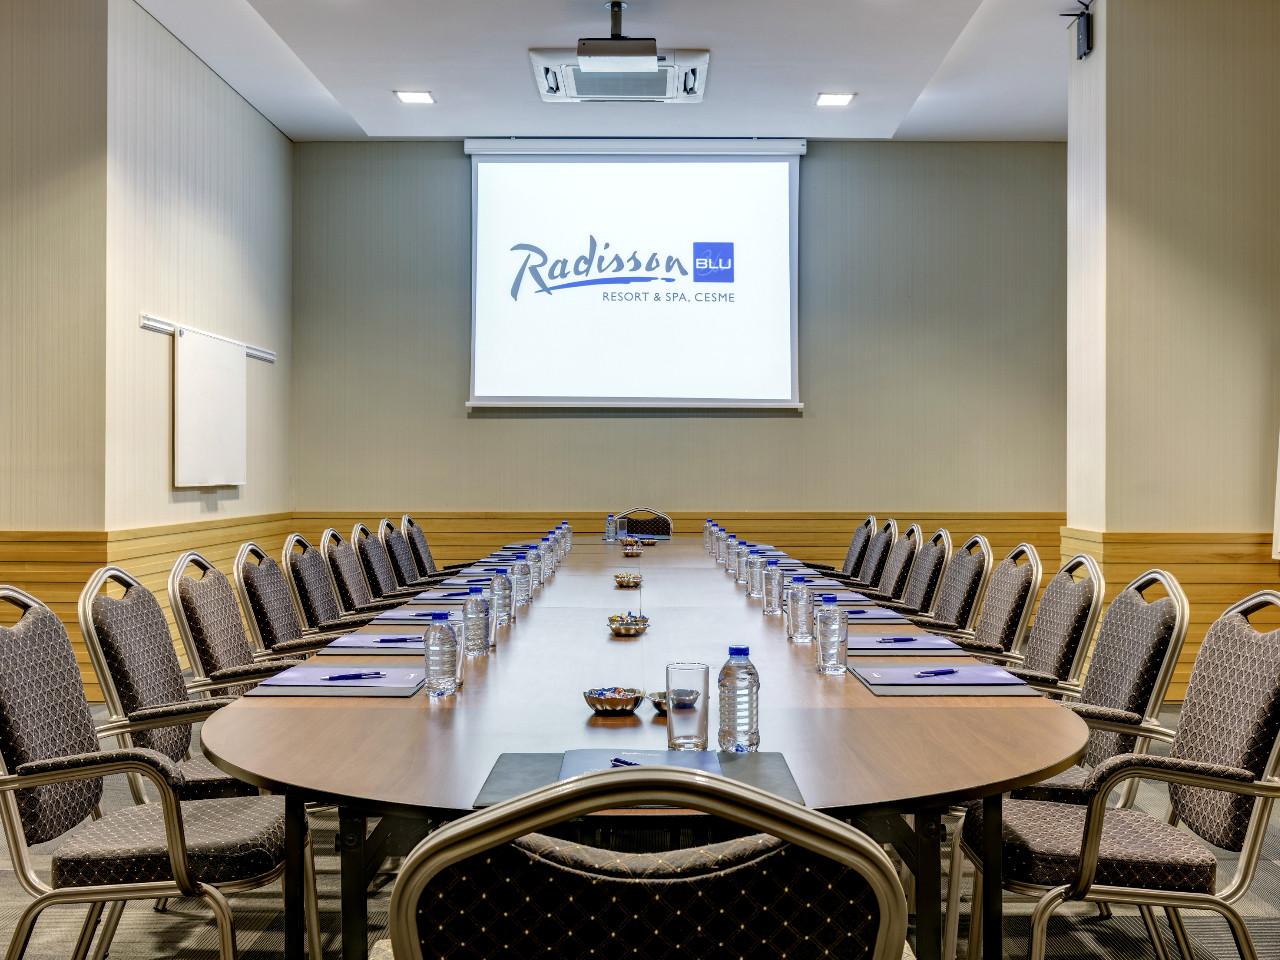 meetings4_1280x960.jpg